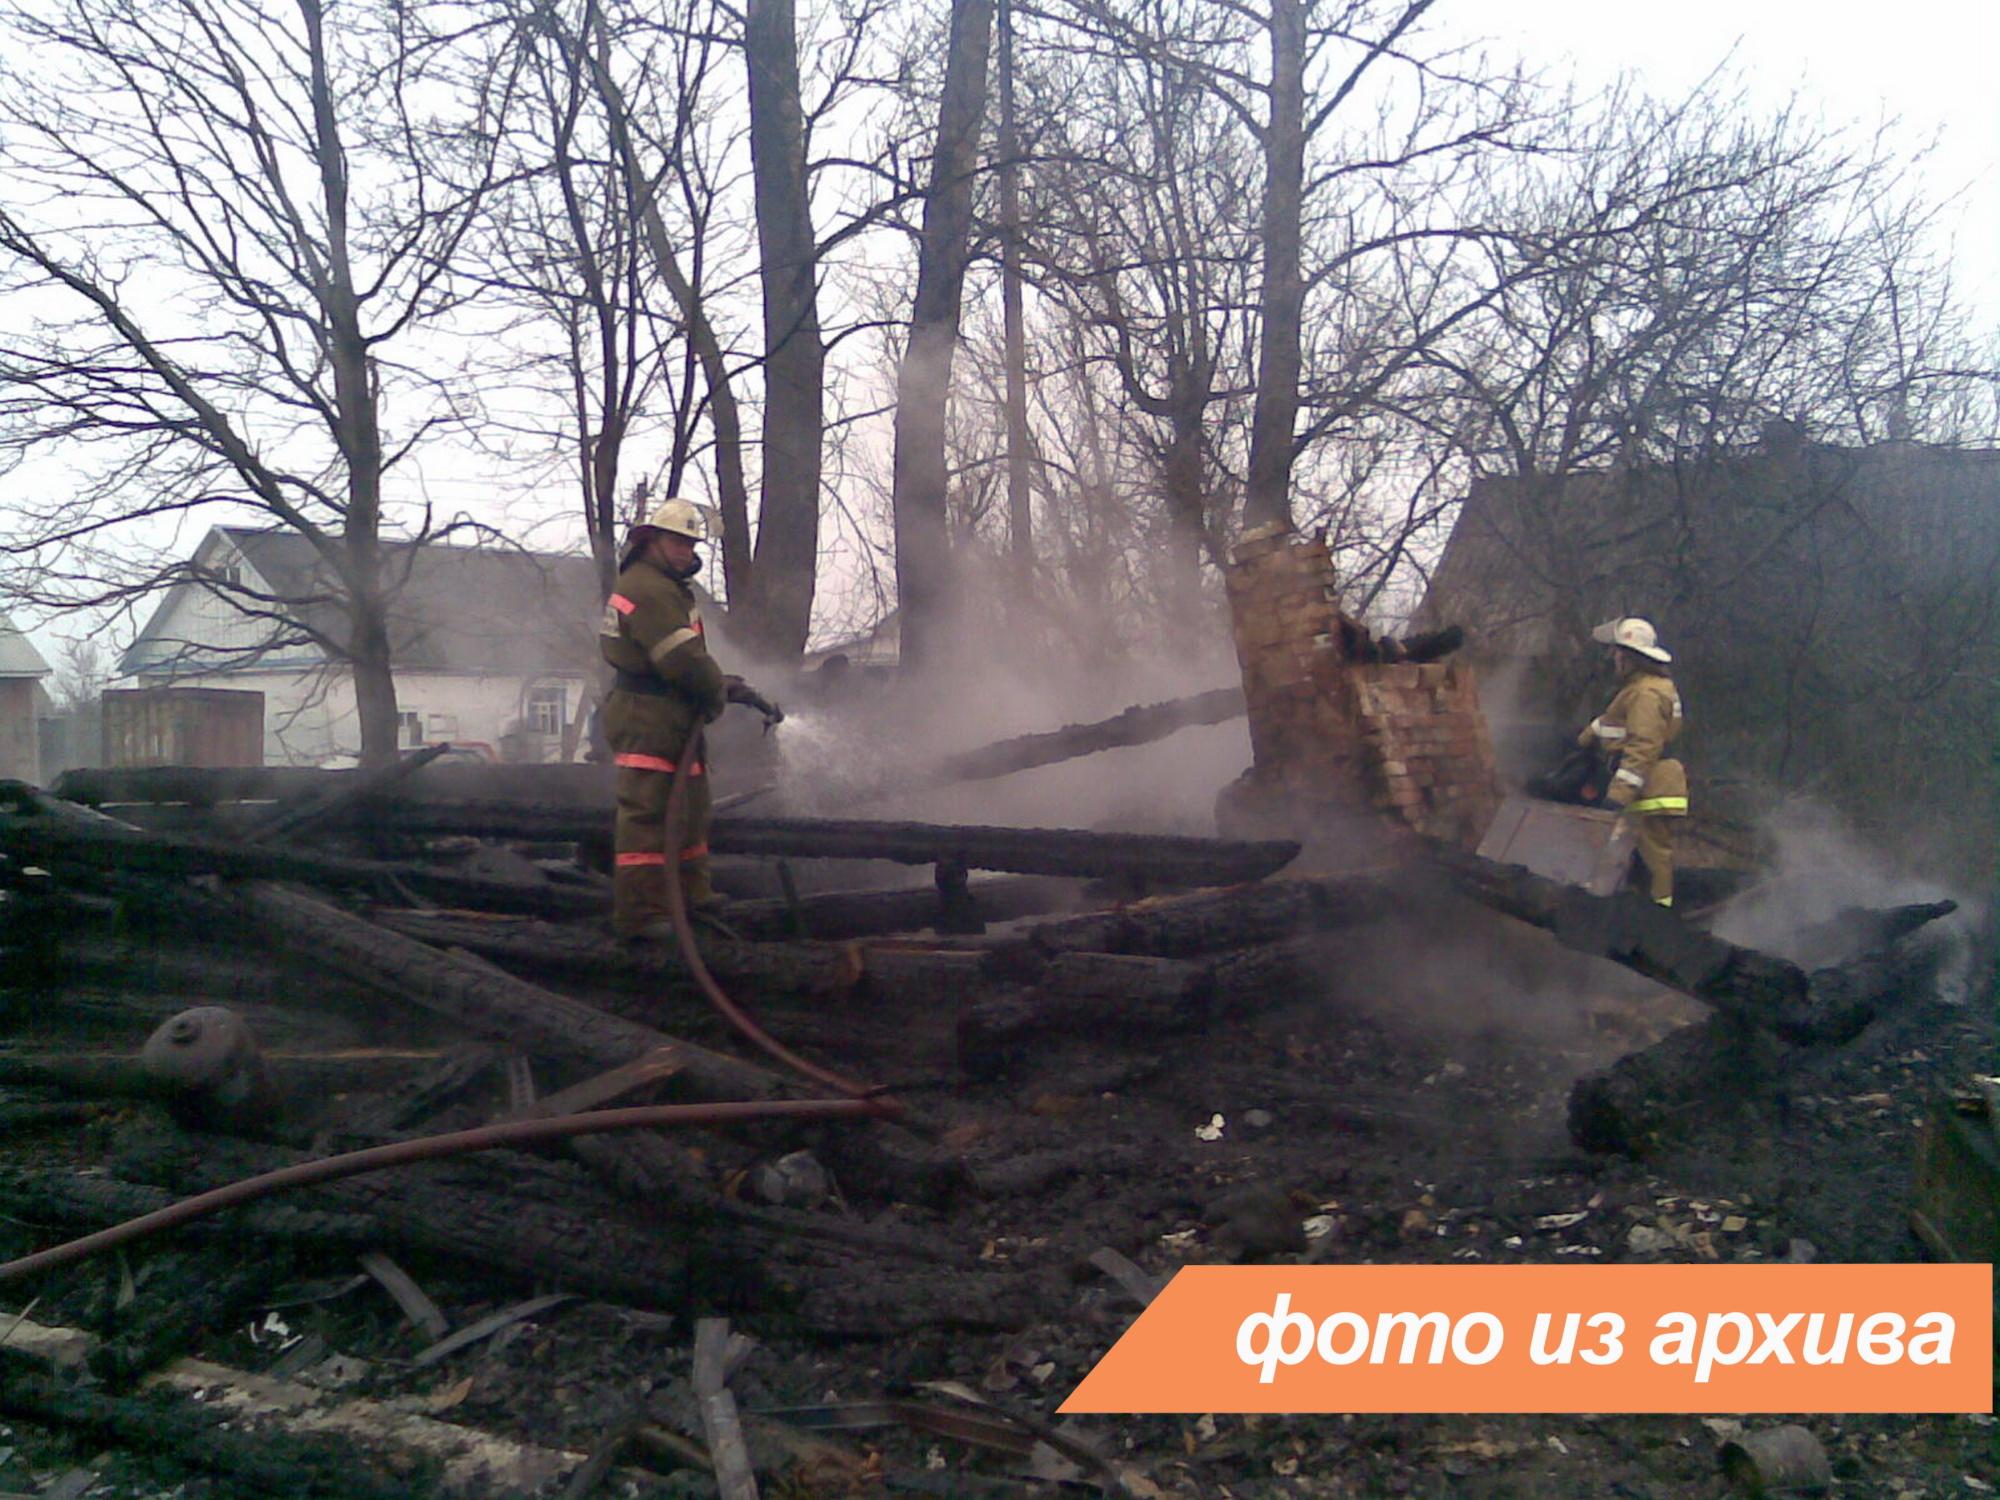 Пожарно-спасательное подразделение Ленинградской области ликвидирует пожар в Кингисеппском районе